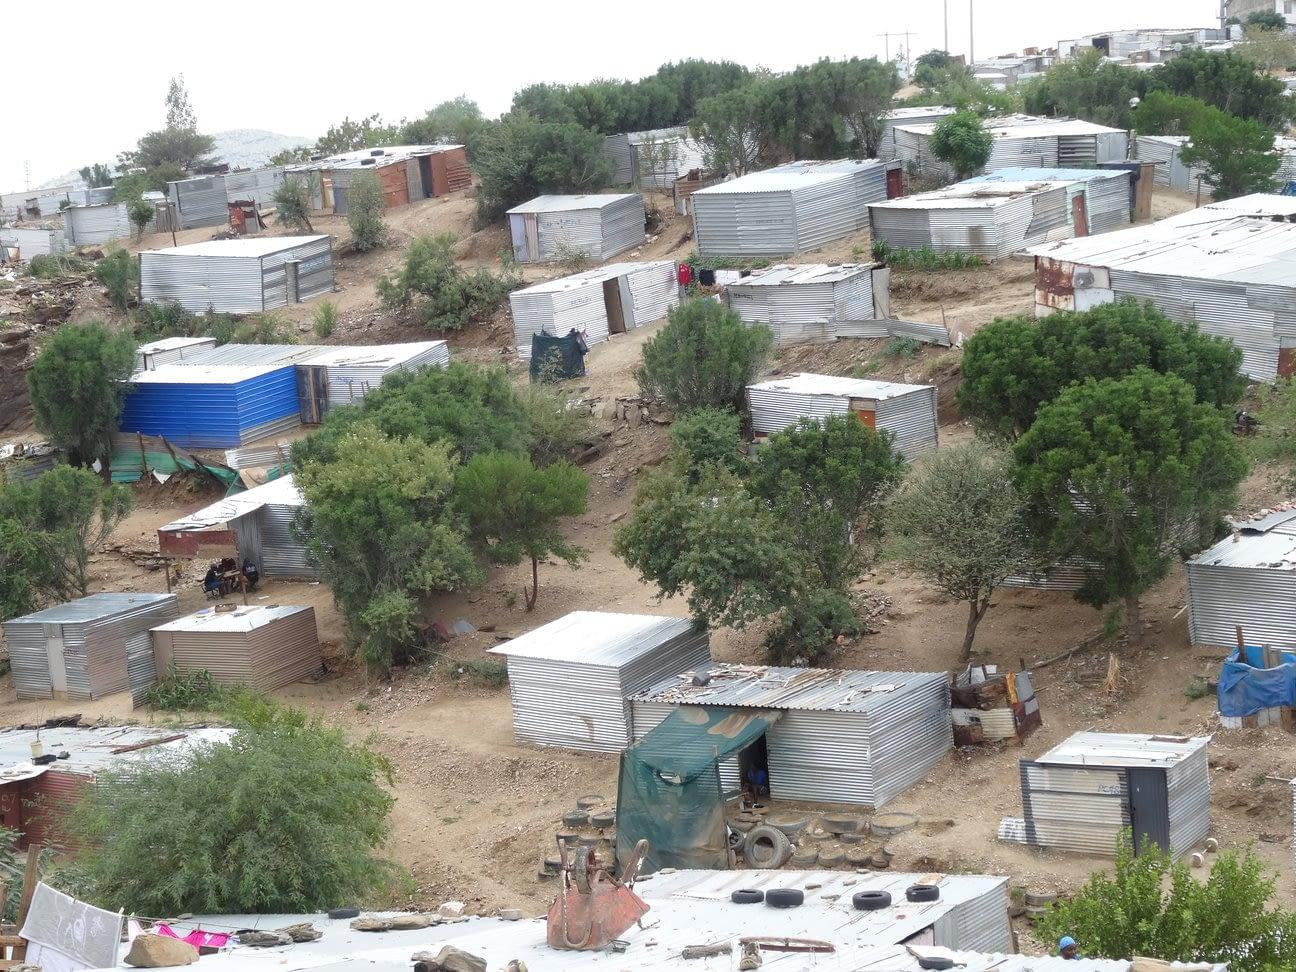 An informal settlement